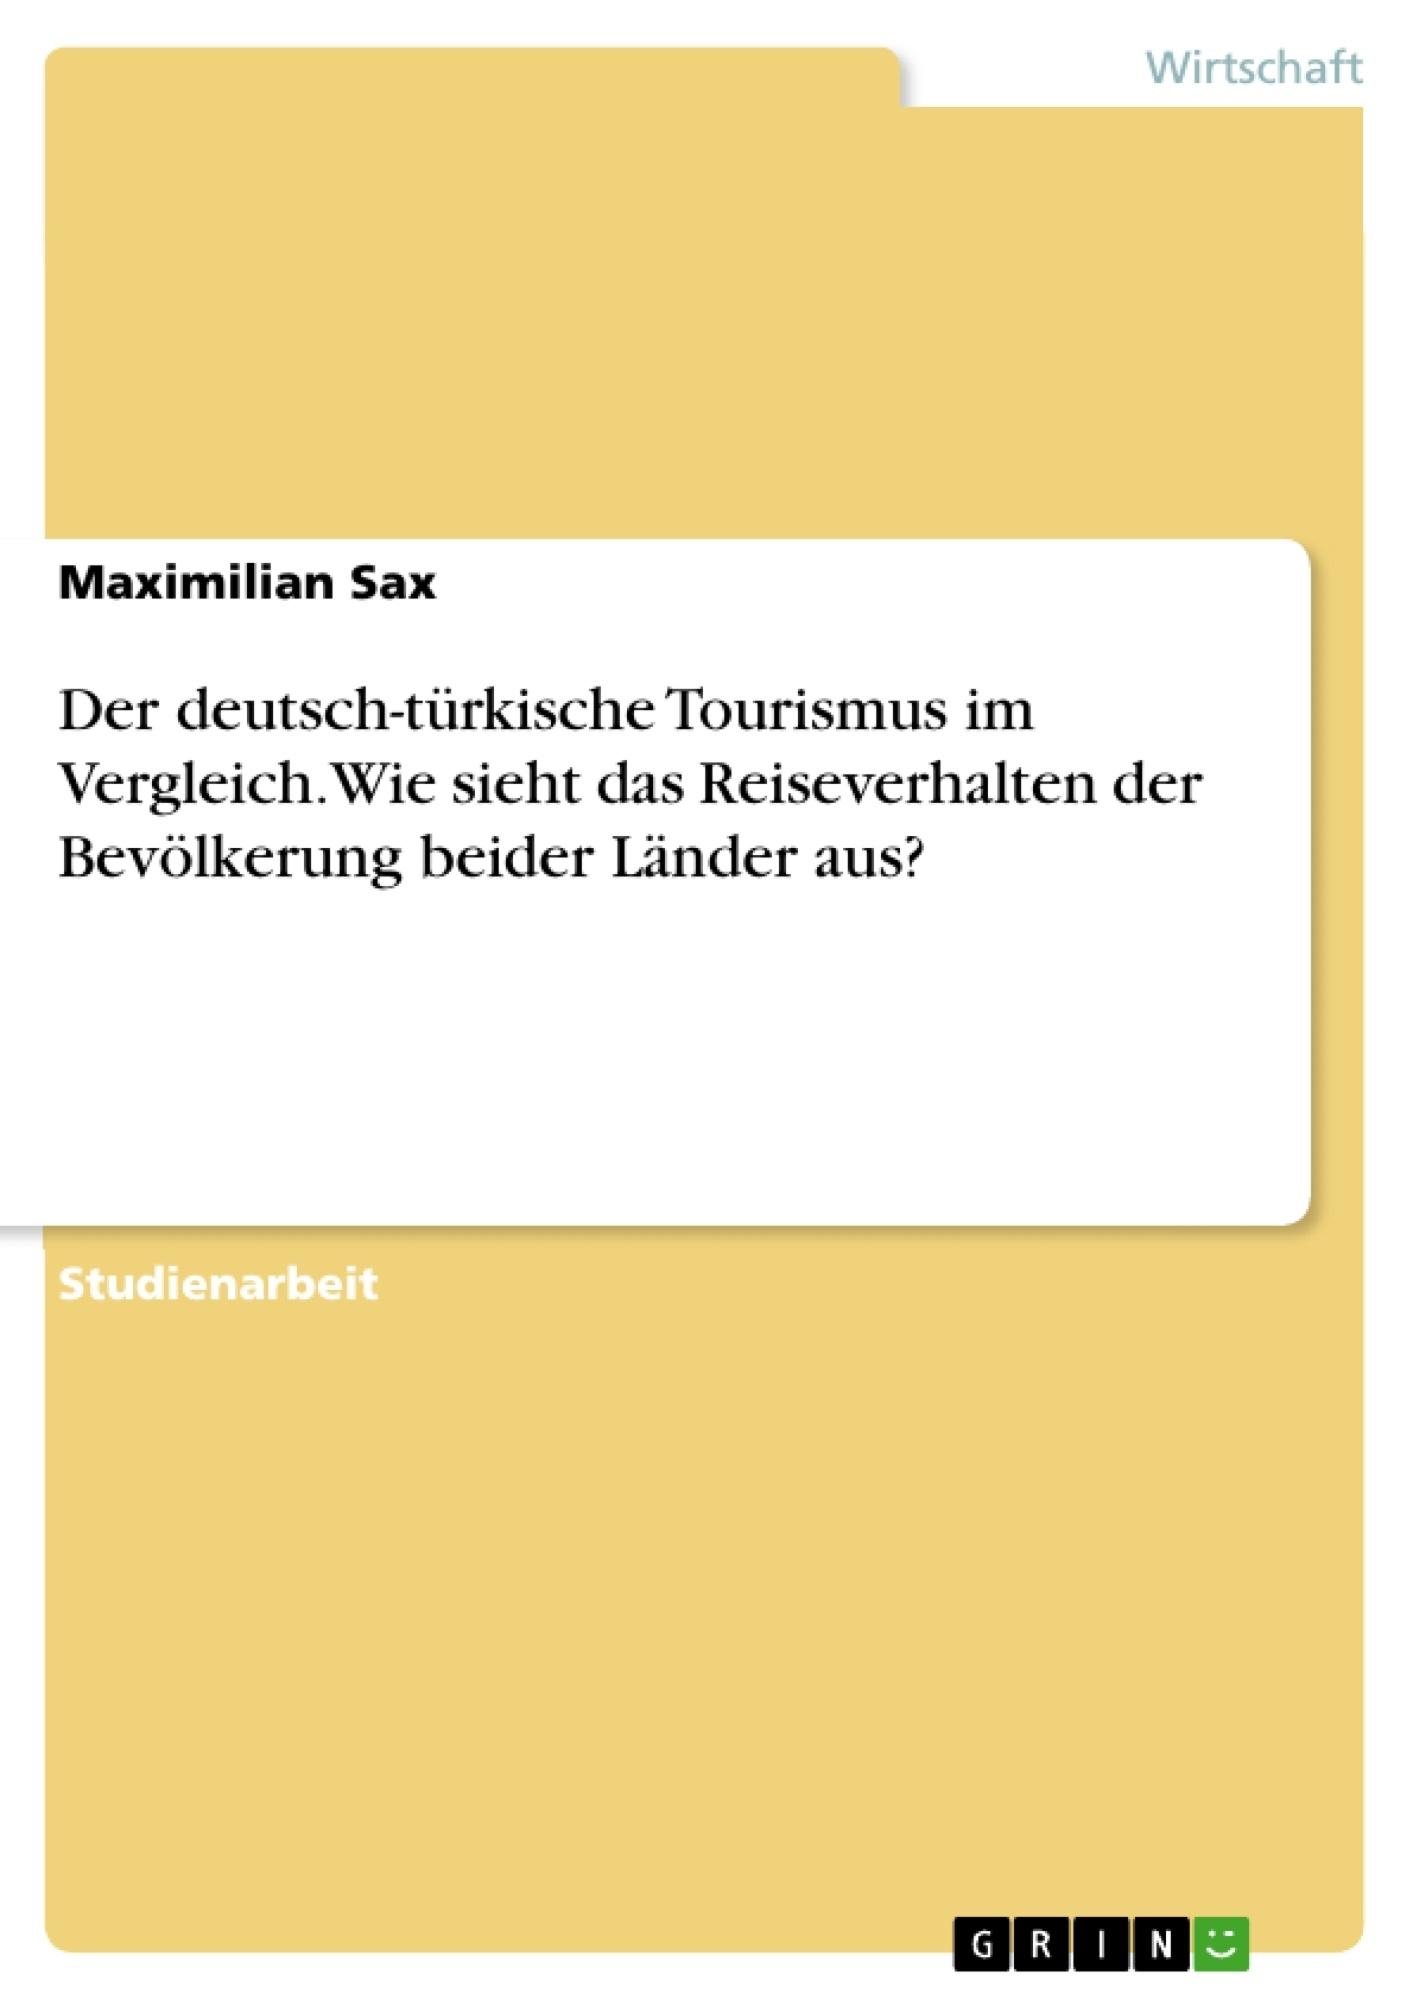 Titel: Der deutsch-türkische Tourismus im Vergleich. Wie sieht das Reiseverhalten der Bevölkerung beider Länder aus?